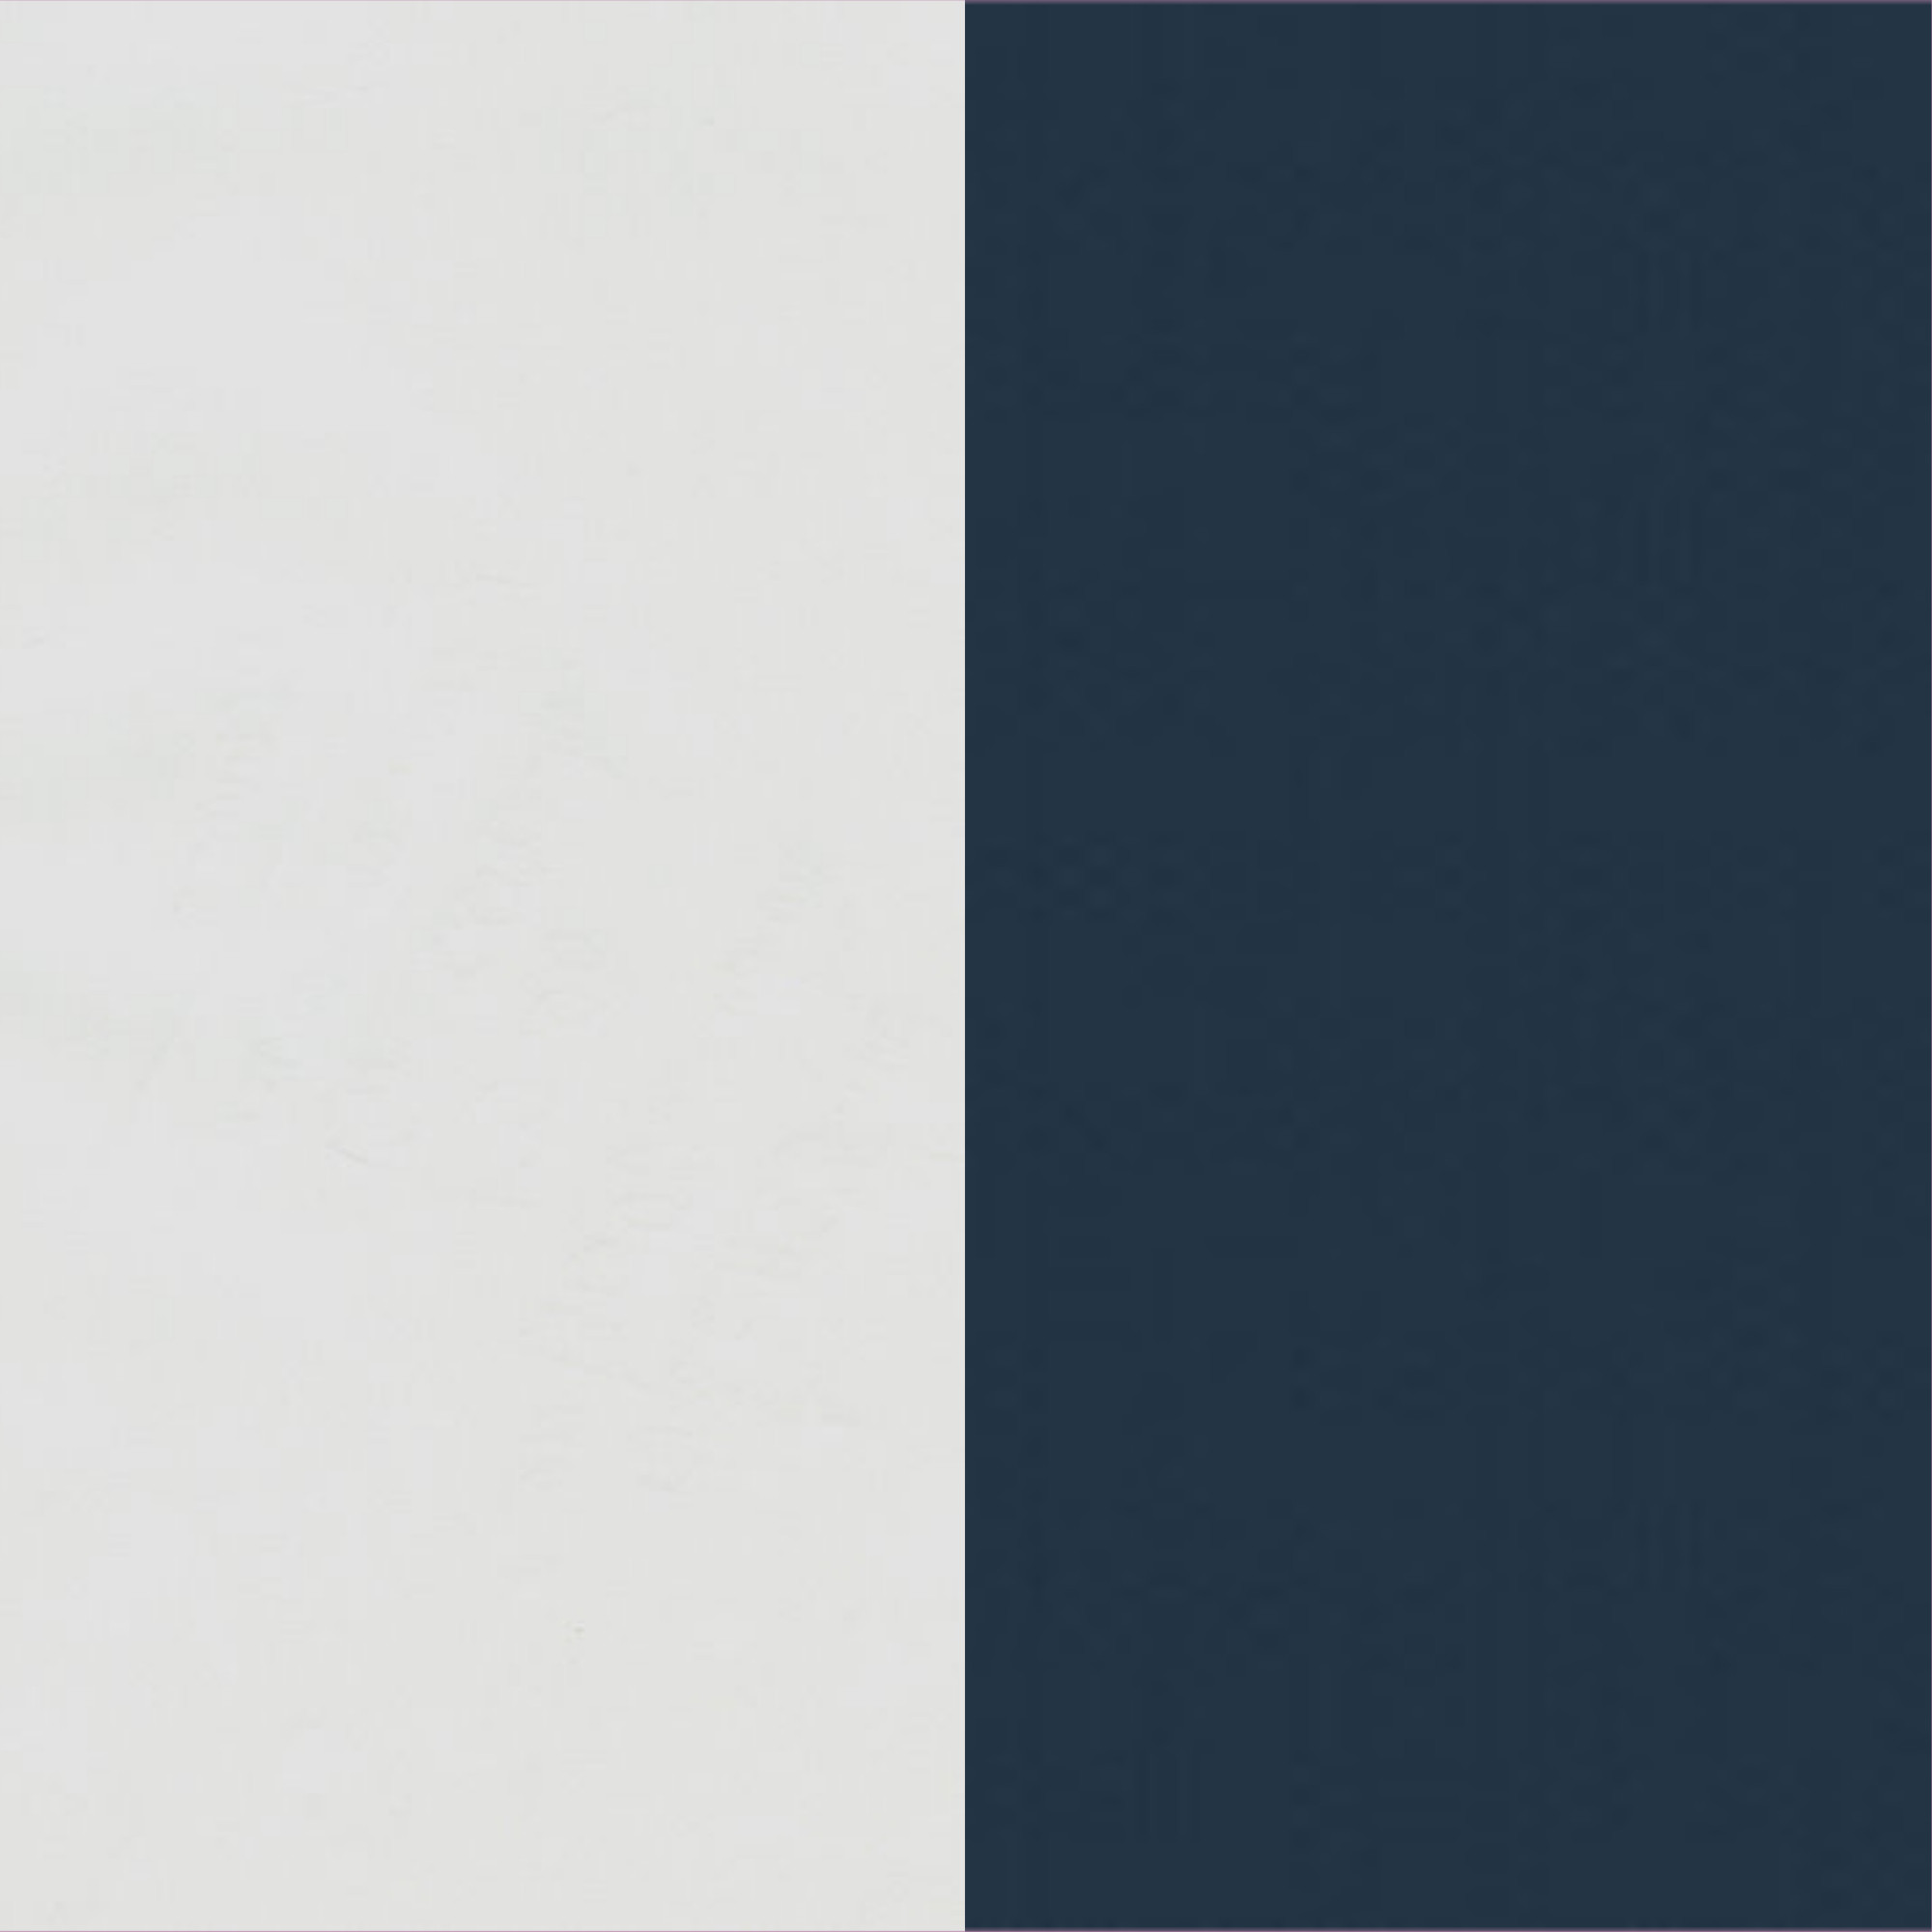 Сереберо - Темно-синий